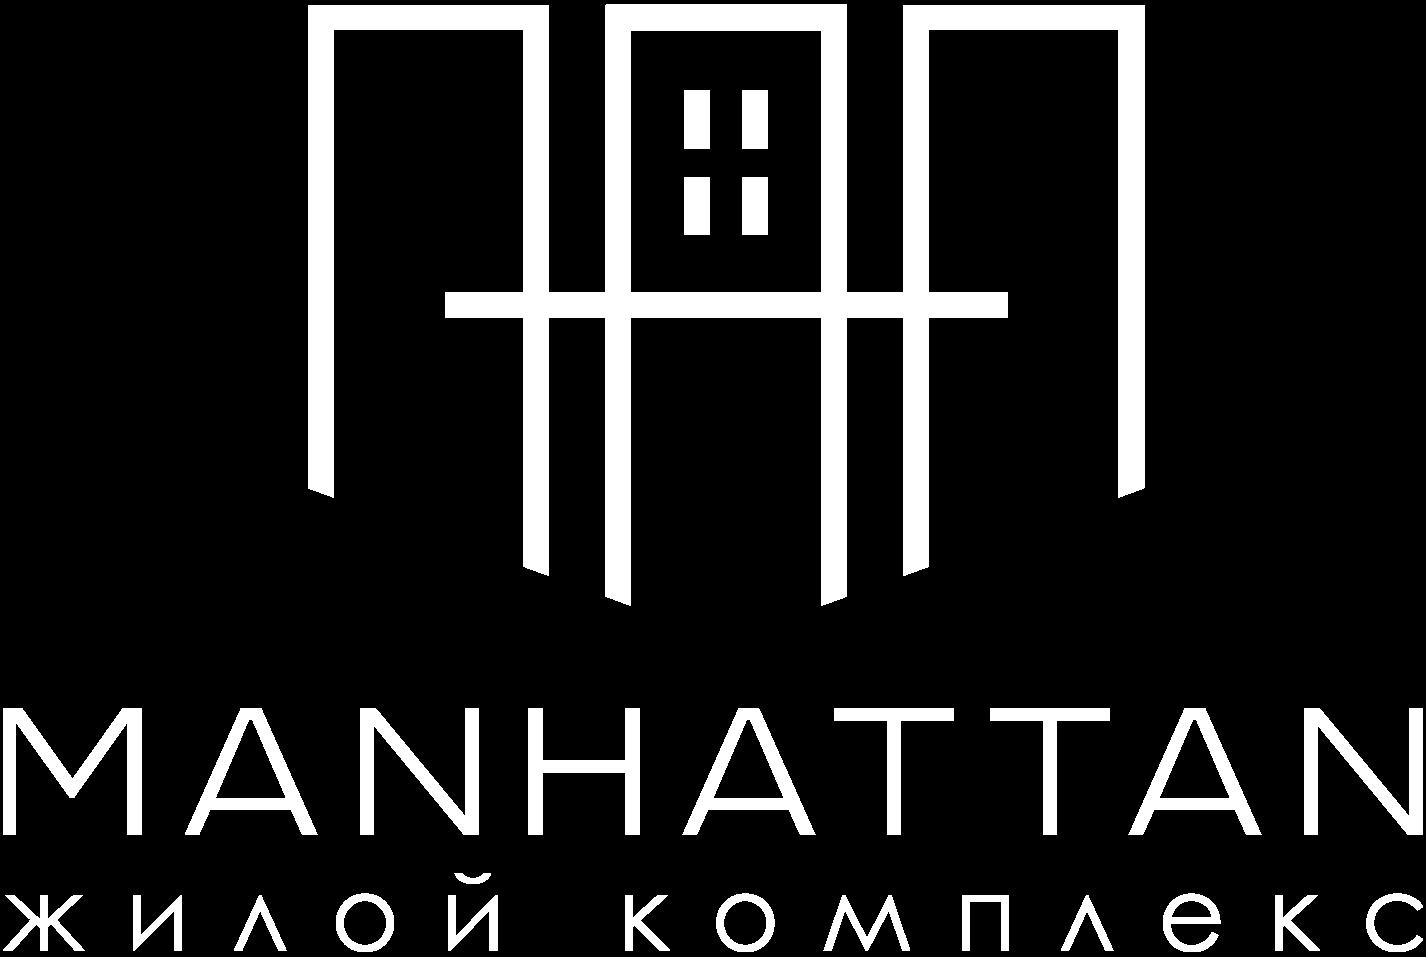 ЖК MANHATTAN (Манхеттен) – Официальный сайт застройщика. Элитный жилой комплекс бизнес-класса на Толбухина, Одесса